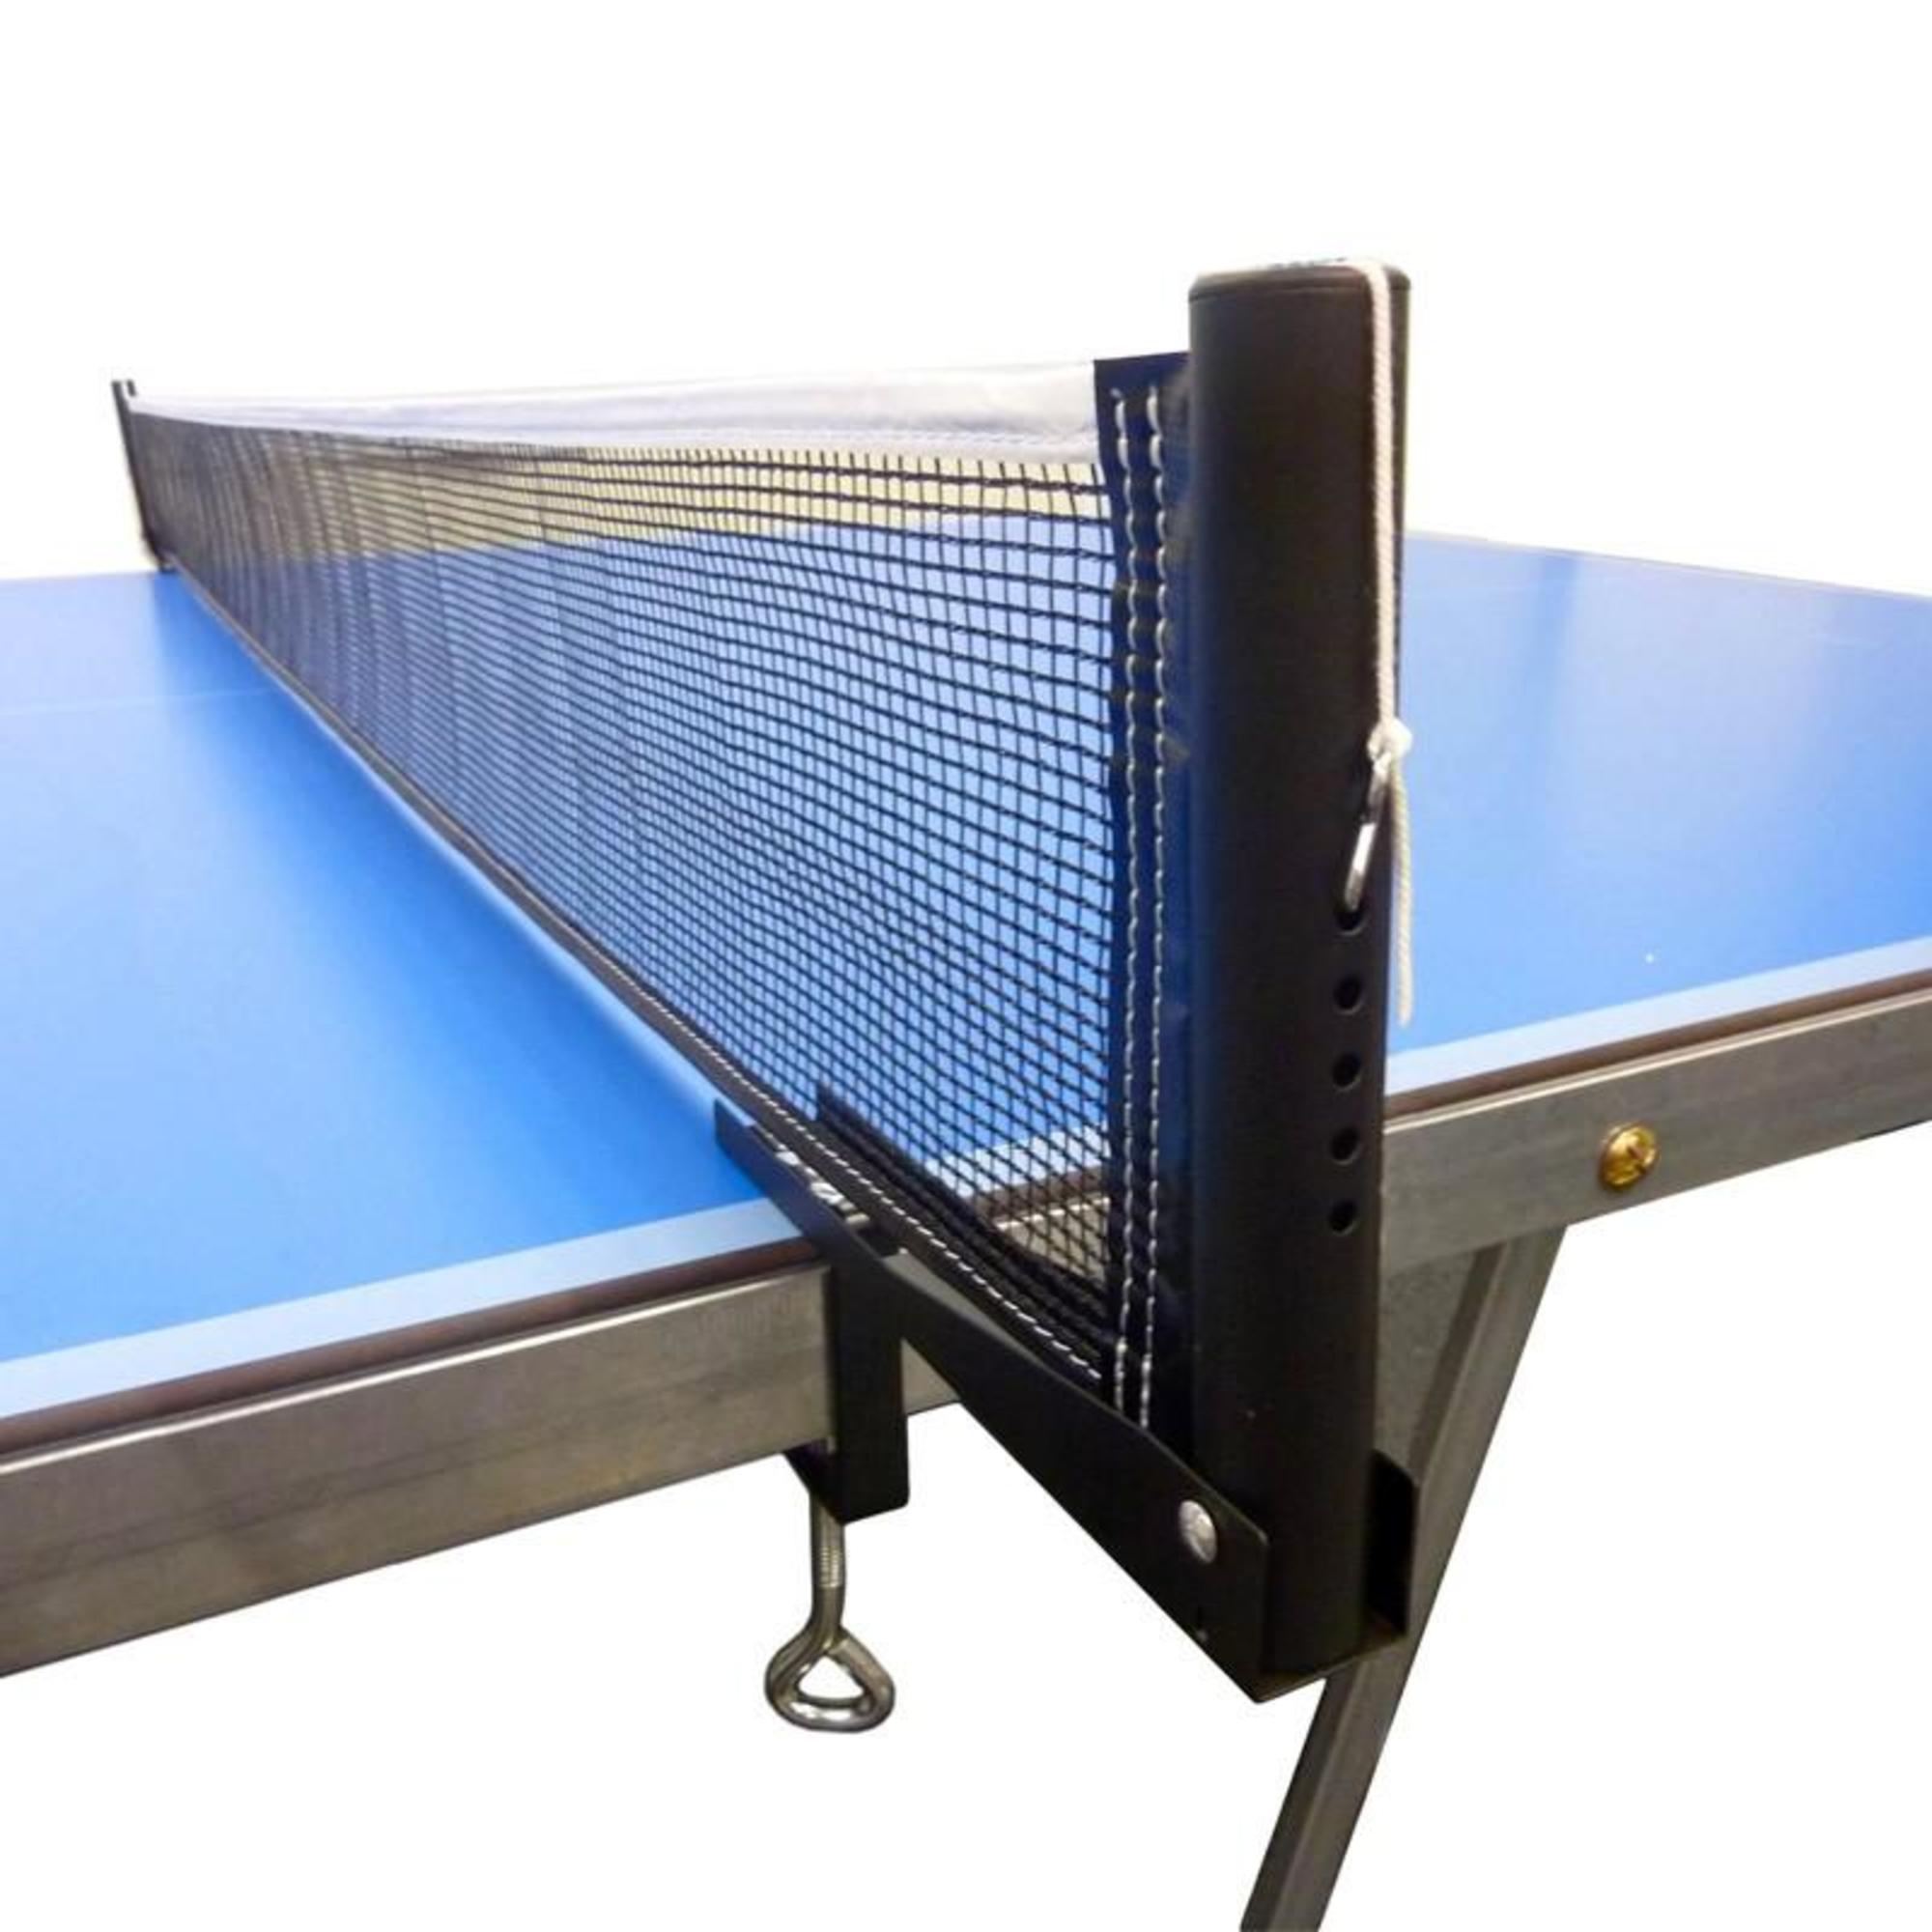 kit de tennis de table poteaux filet loisir noir artengo. Black Bedroom Furniture Sets. Home Design Ideas